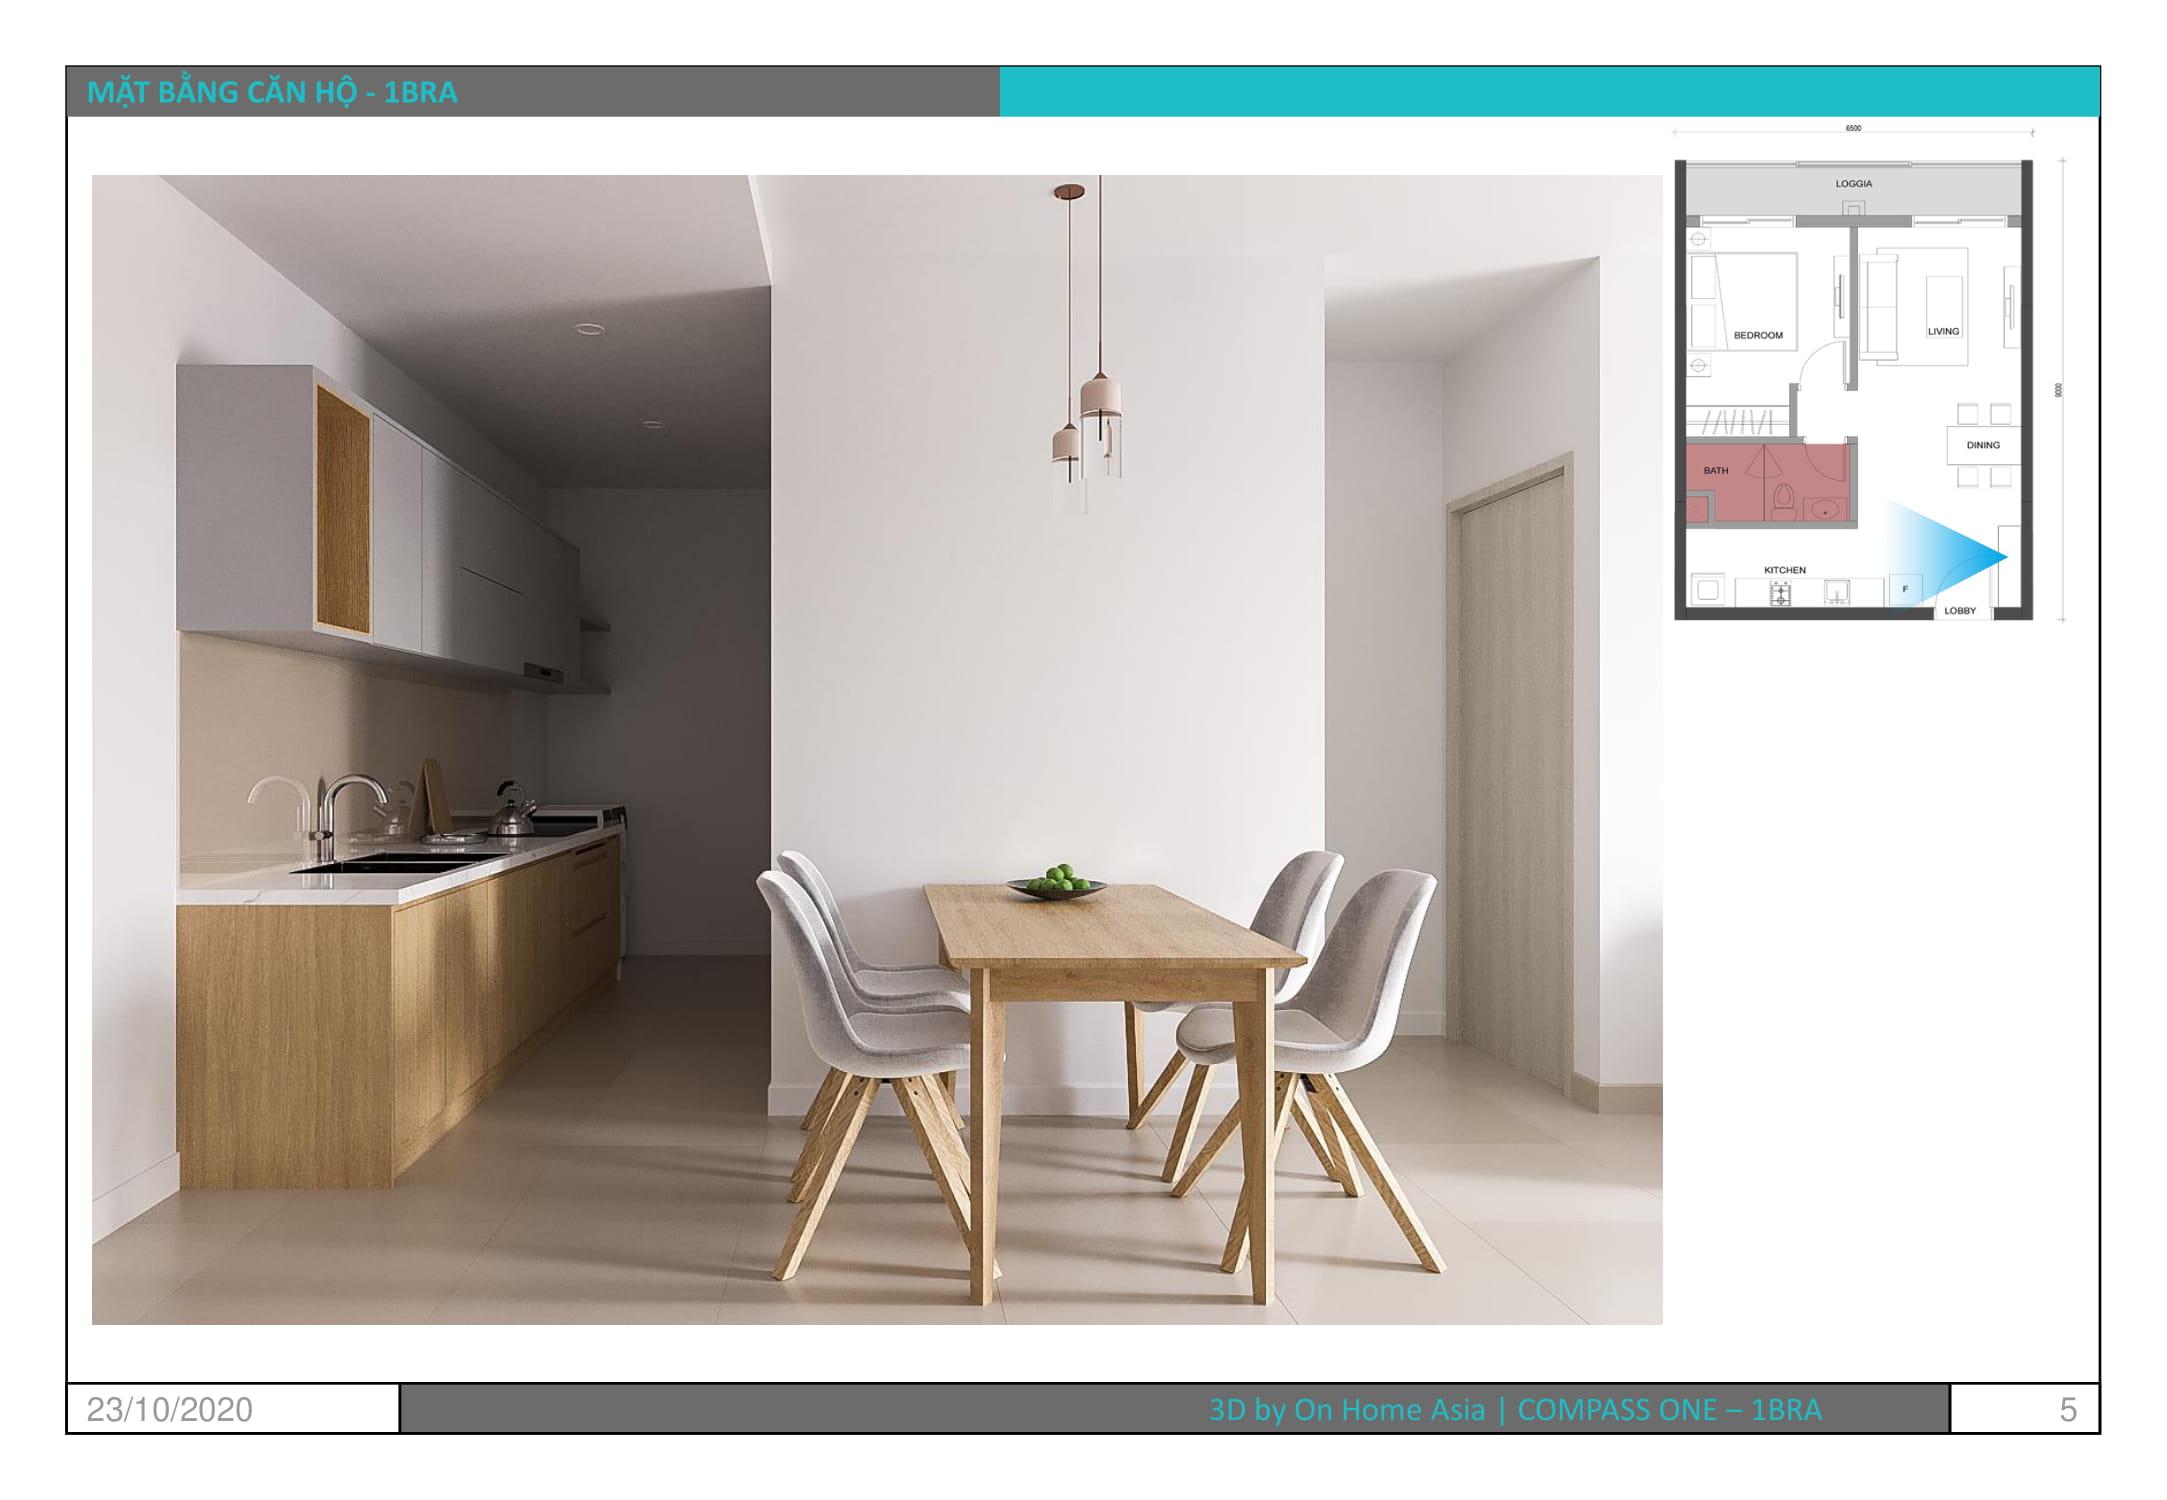 thiết kế nội thất phòng ăn căn hộ compass one 1pn